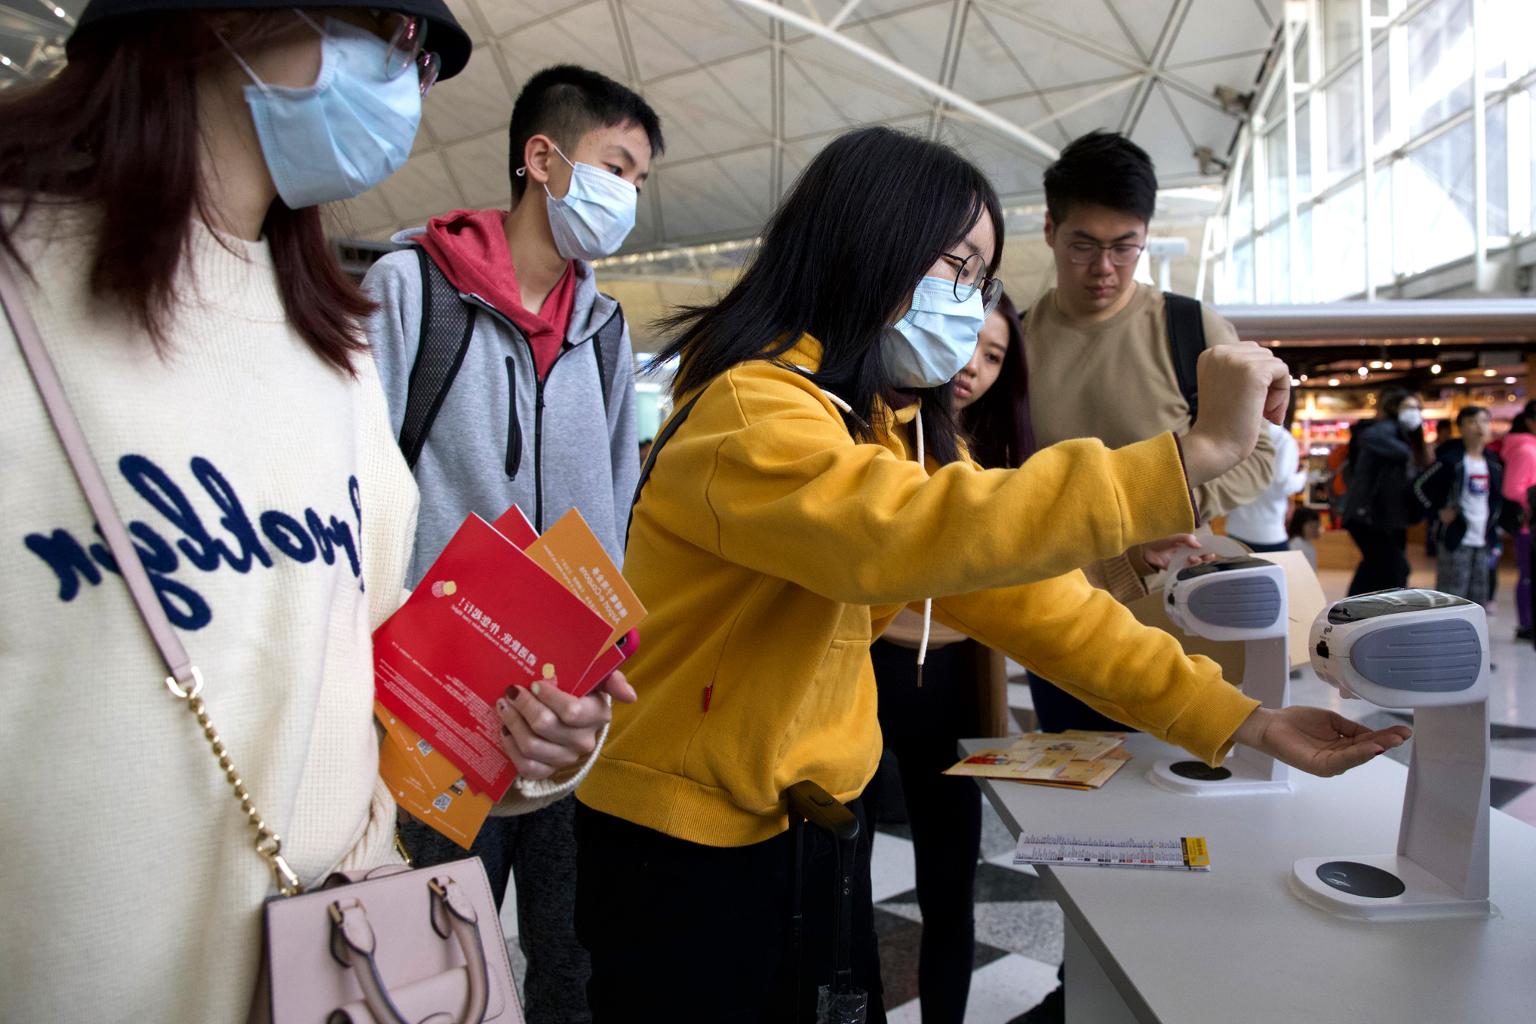 Démonstration des étudiants sur la façon de prévenir la maladie des coronavirus